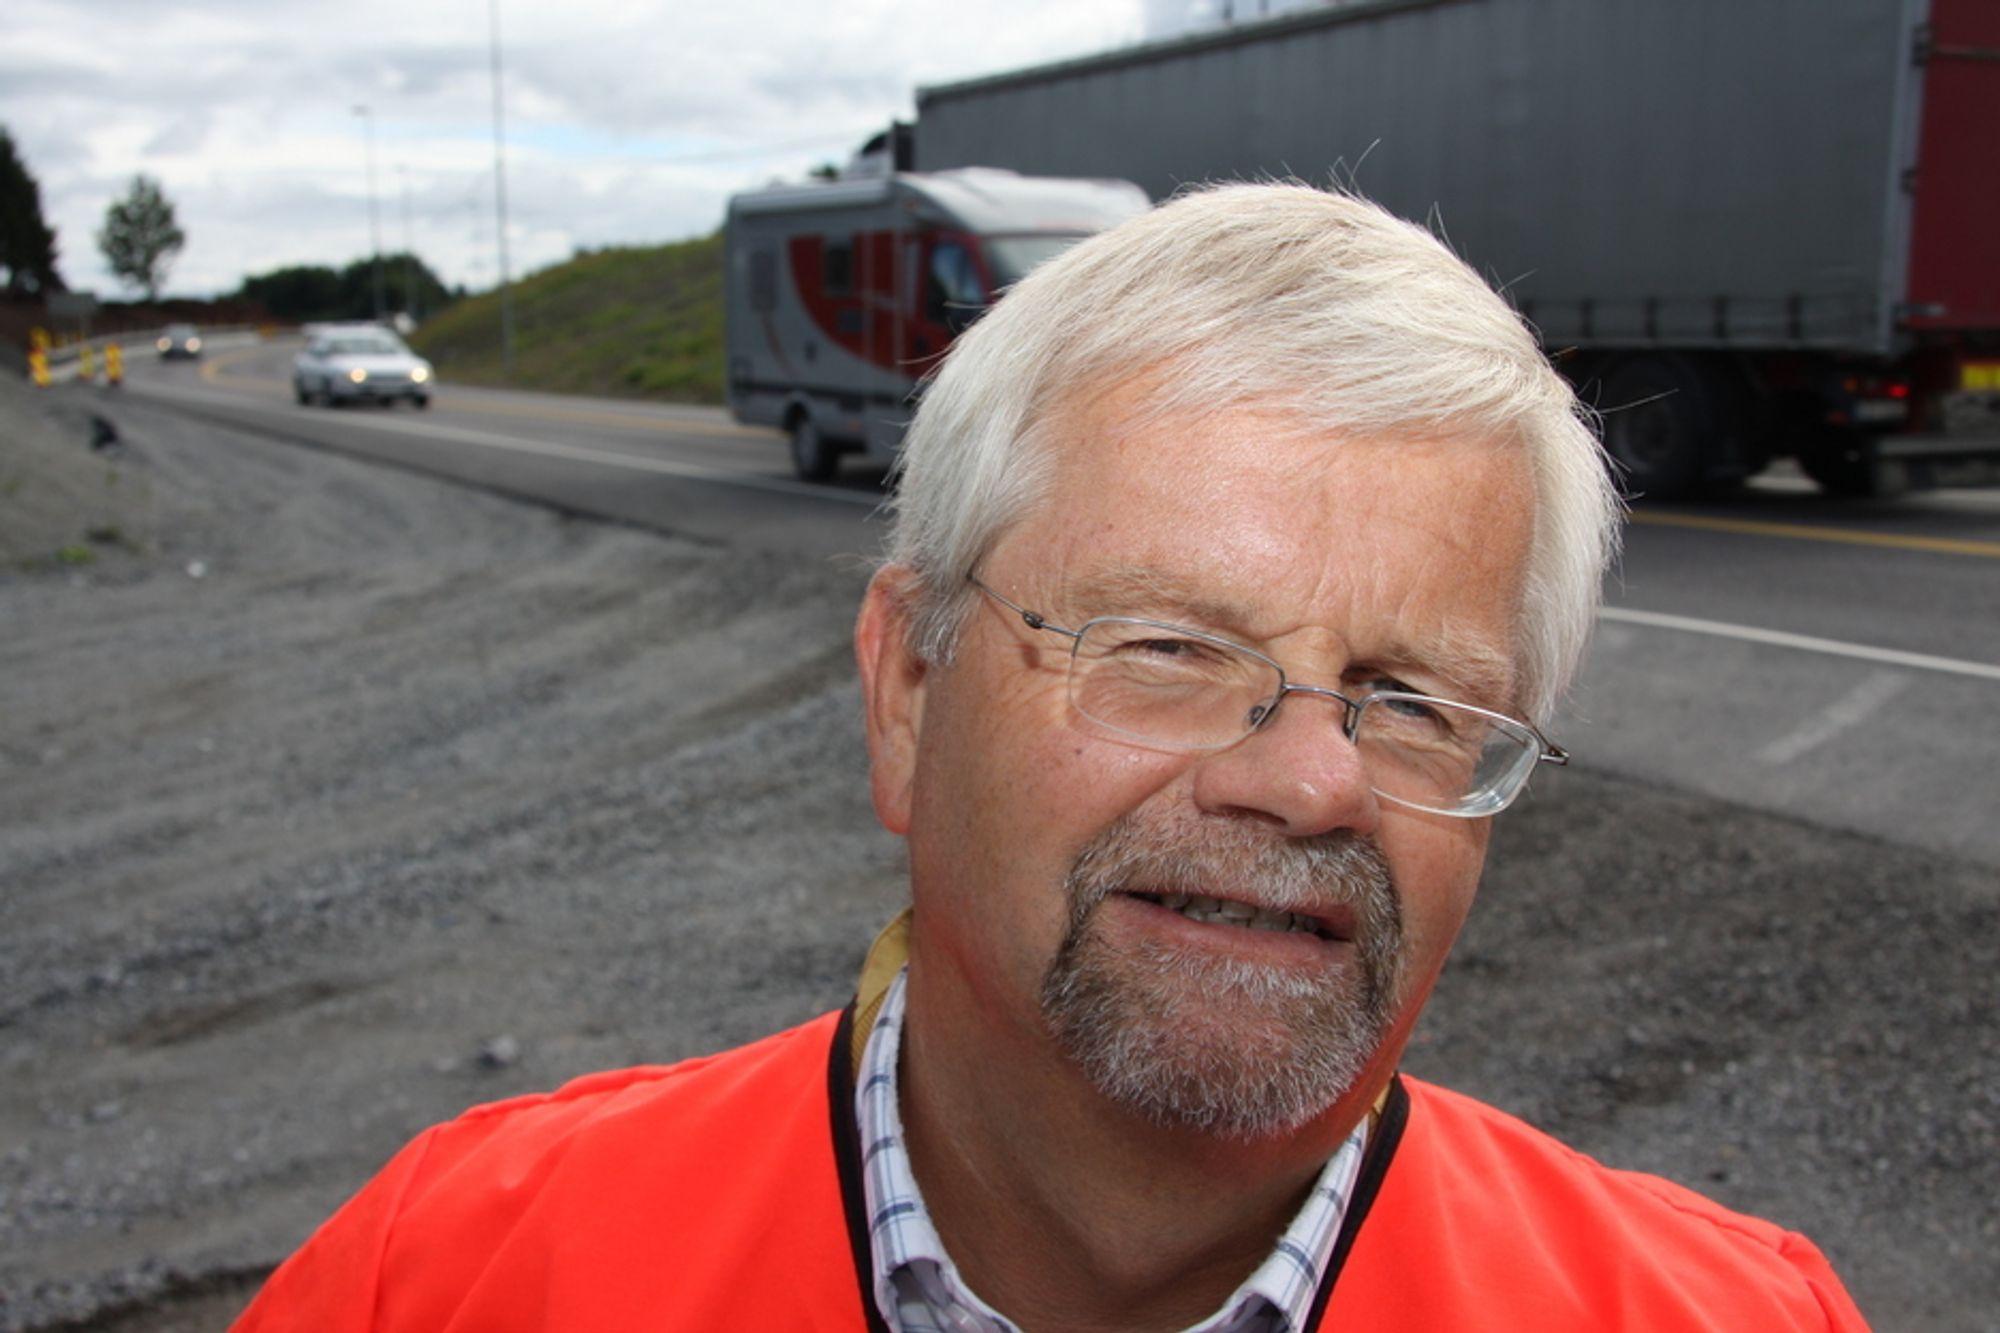 FLASKEHALSER BEKYMRER: Avdelingsdirektør i Statens vegvesen avdeling Vestfold, Tore Kaurin, er bekymret over at E18-utbyggingen skjer klattvis og skaper flaskehalser mellom to- og firefeltsvei.